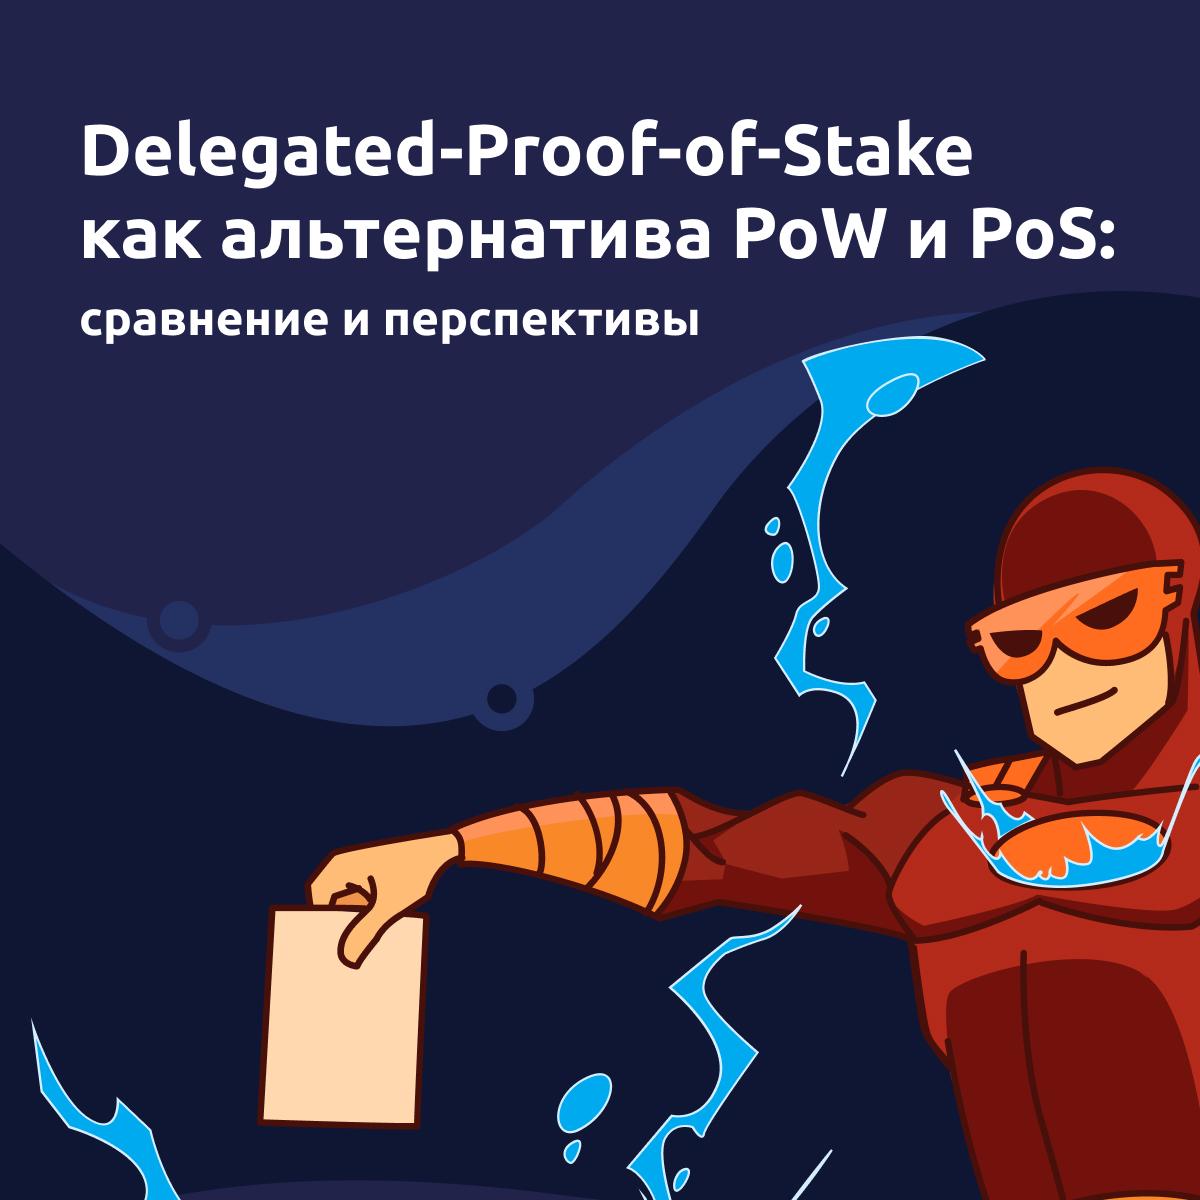 https://forklog.com/sp/DPoS/